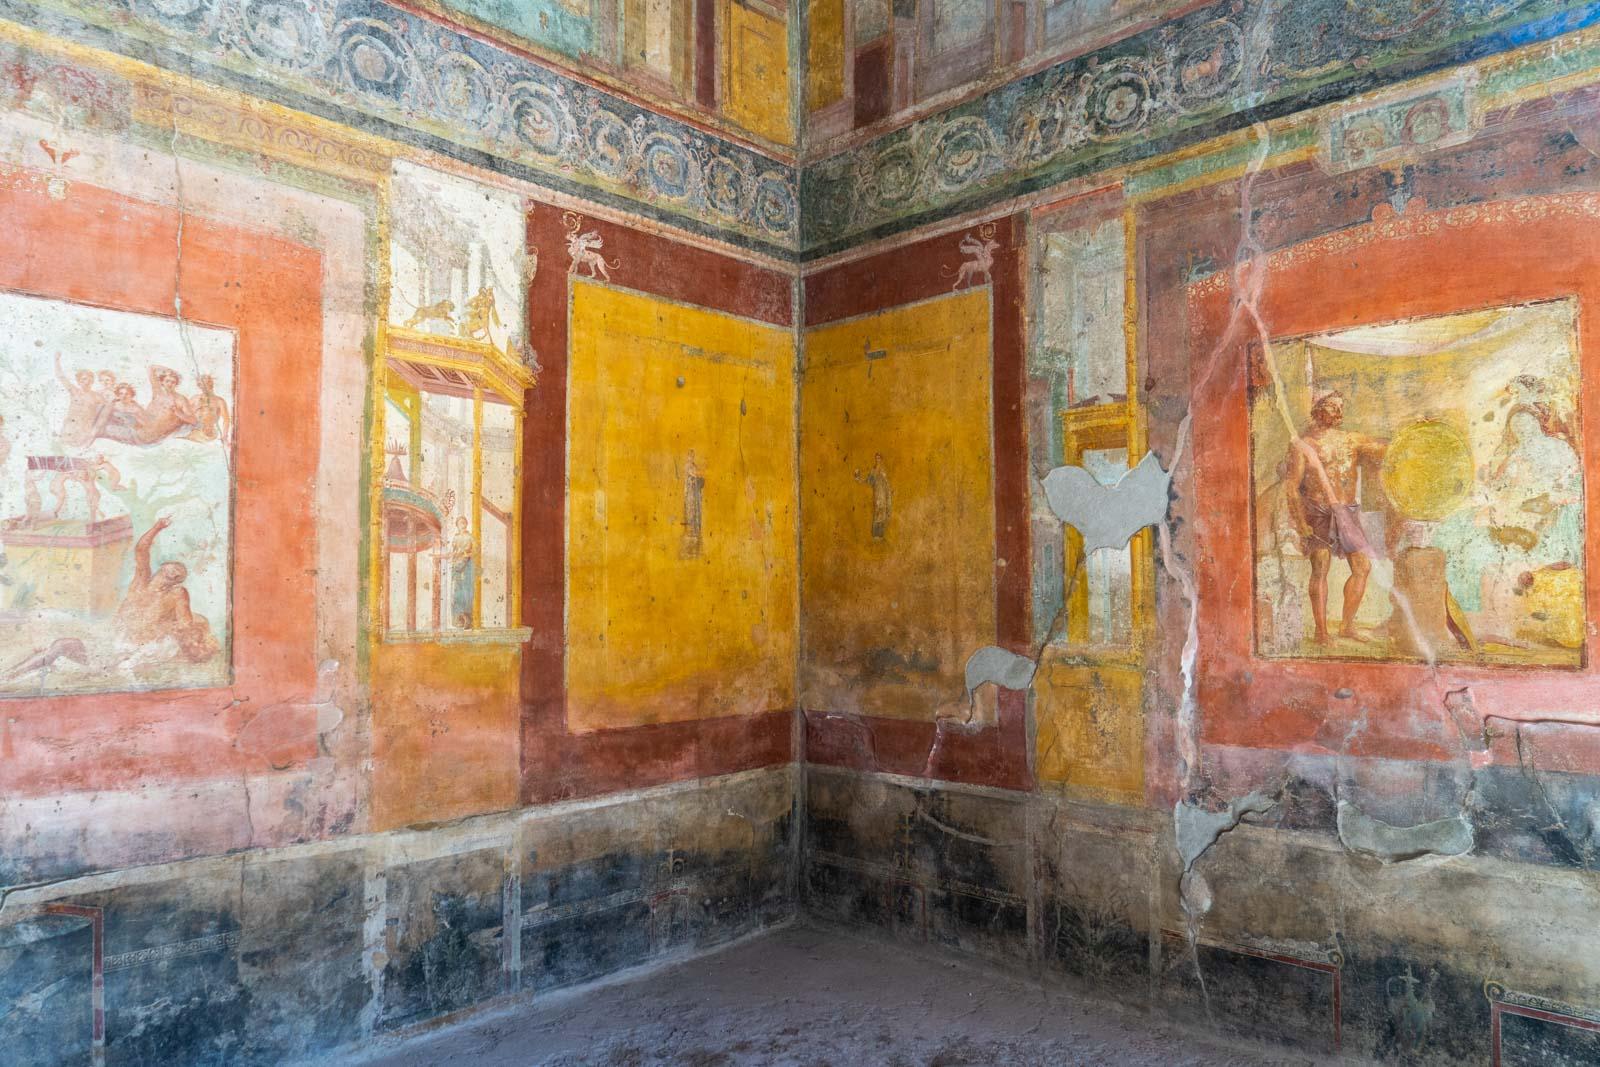 House of Sirico, Pompeii, Italy